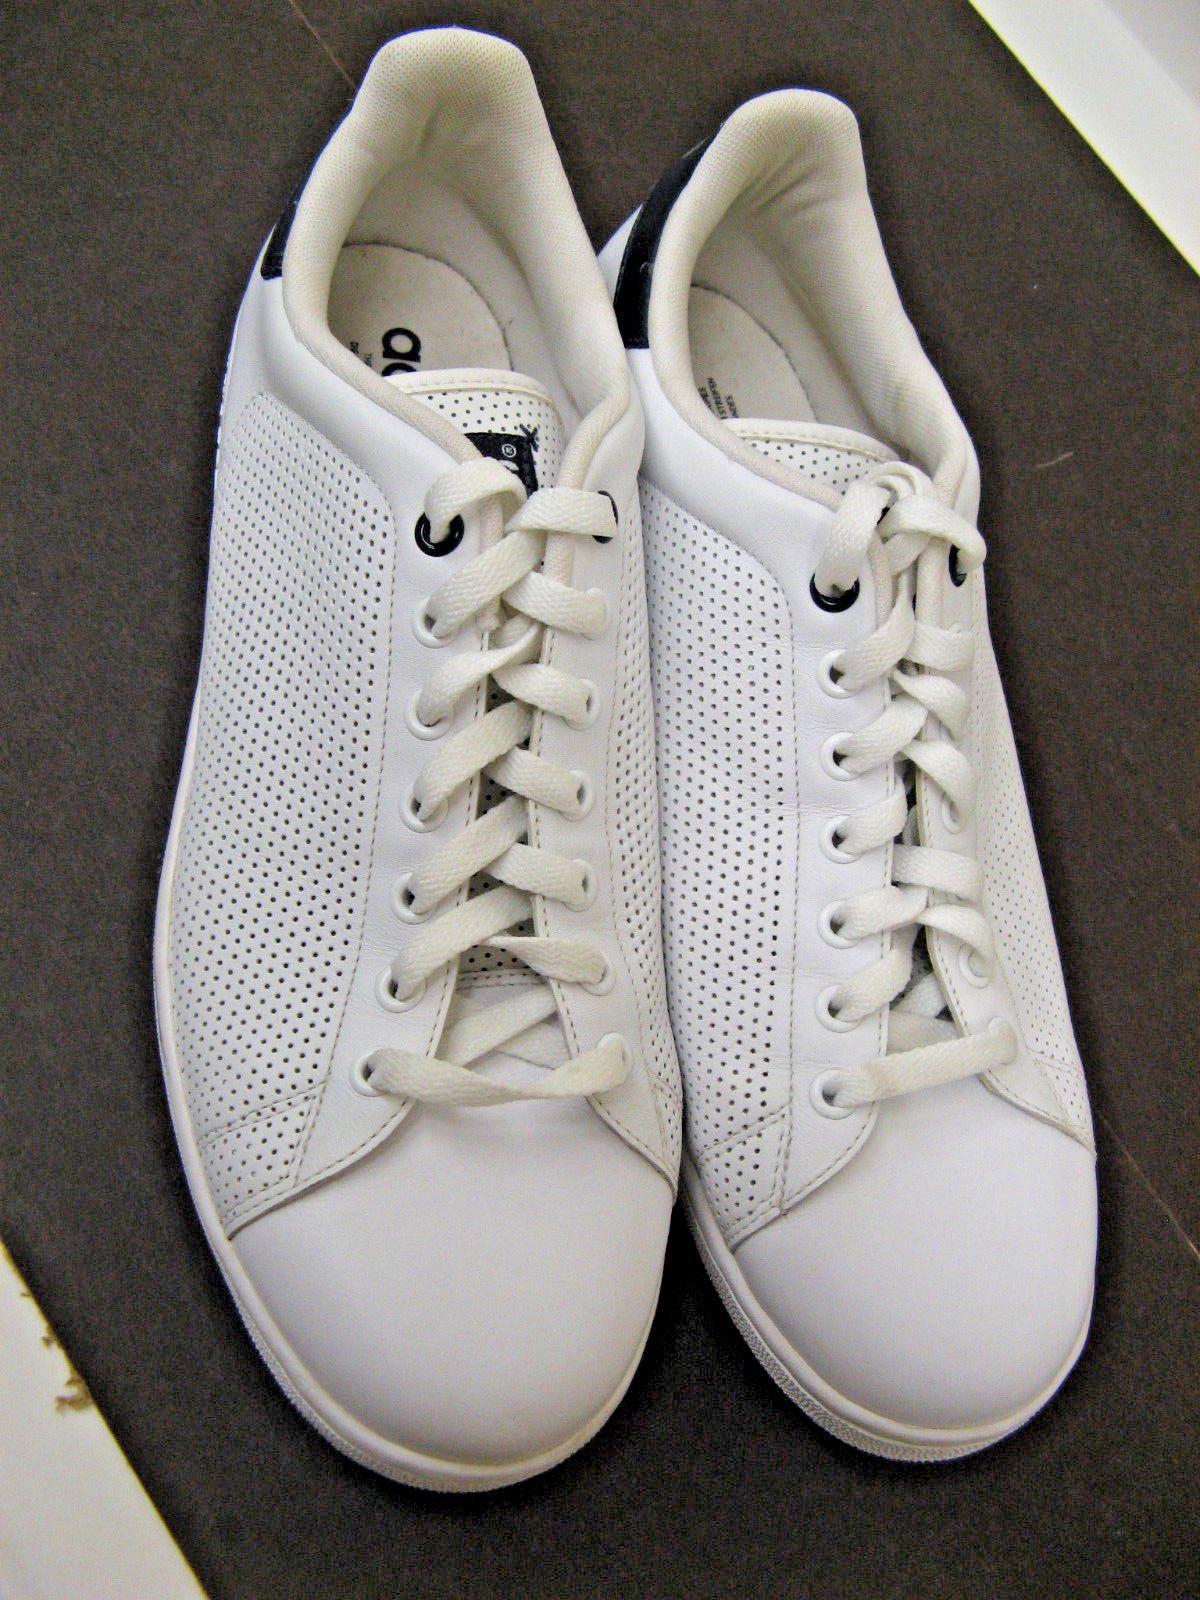 Los hombres zapatos de los nuevos hombres de Adidas Stan Smith zapatos US 13 Art no 651890